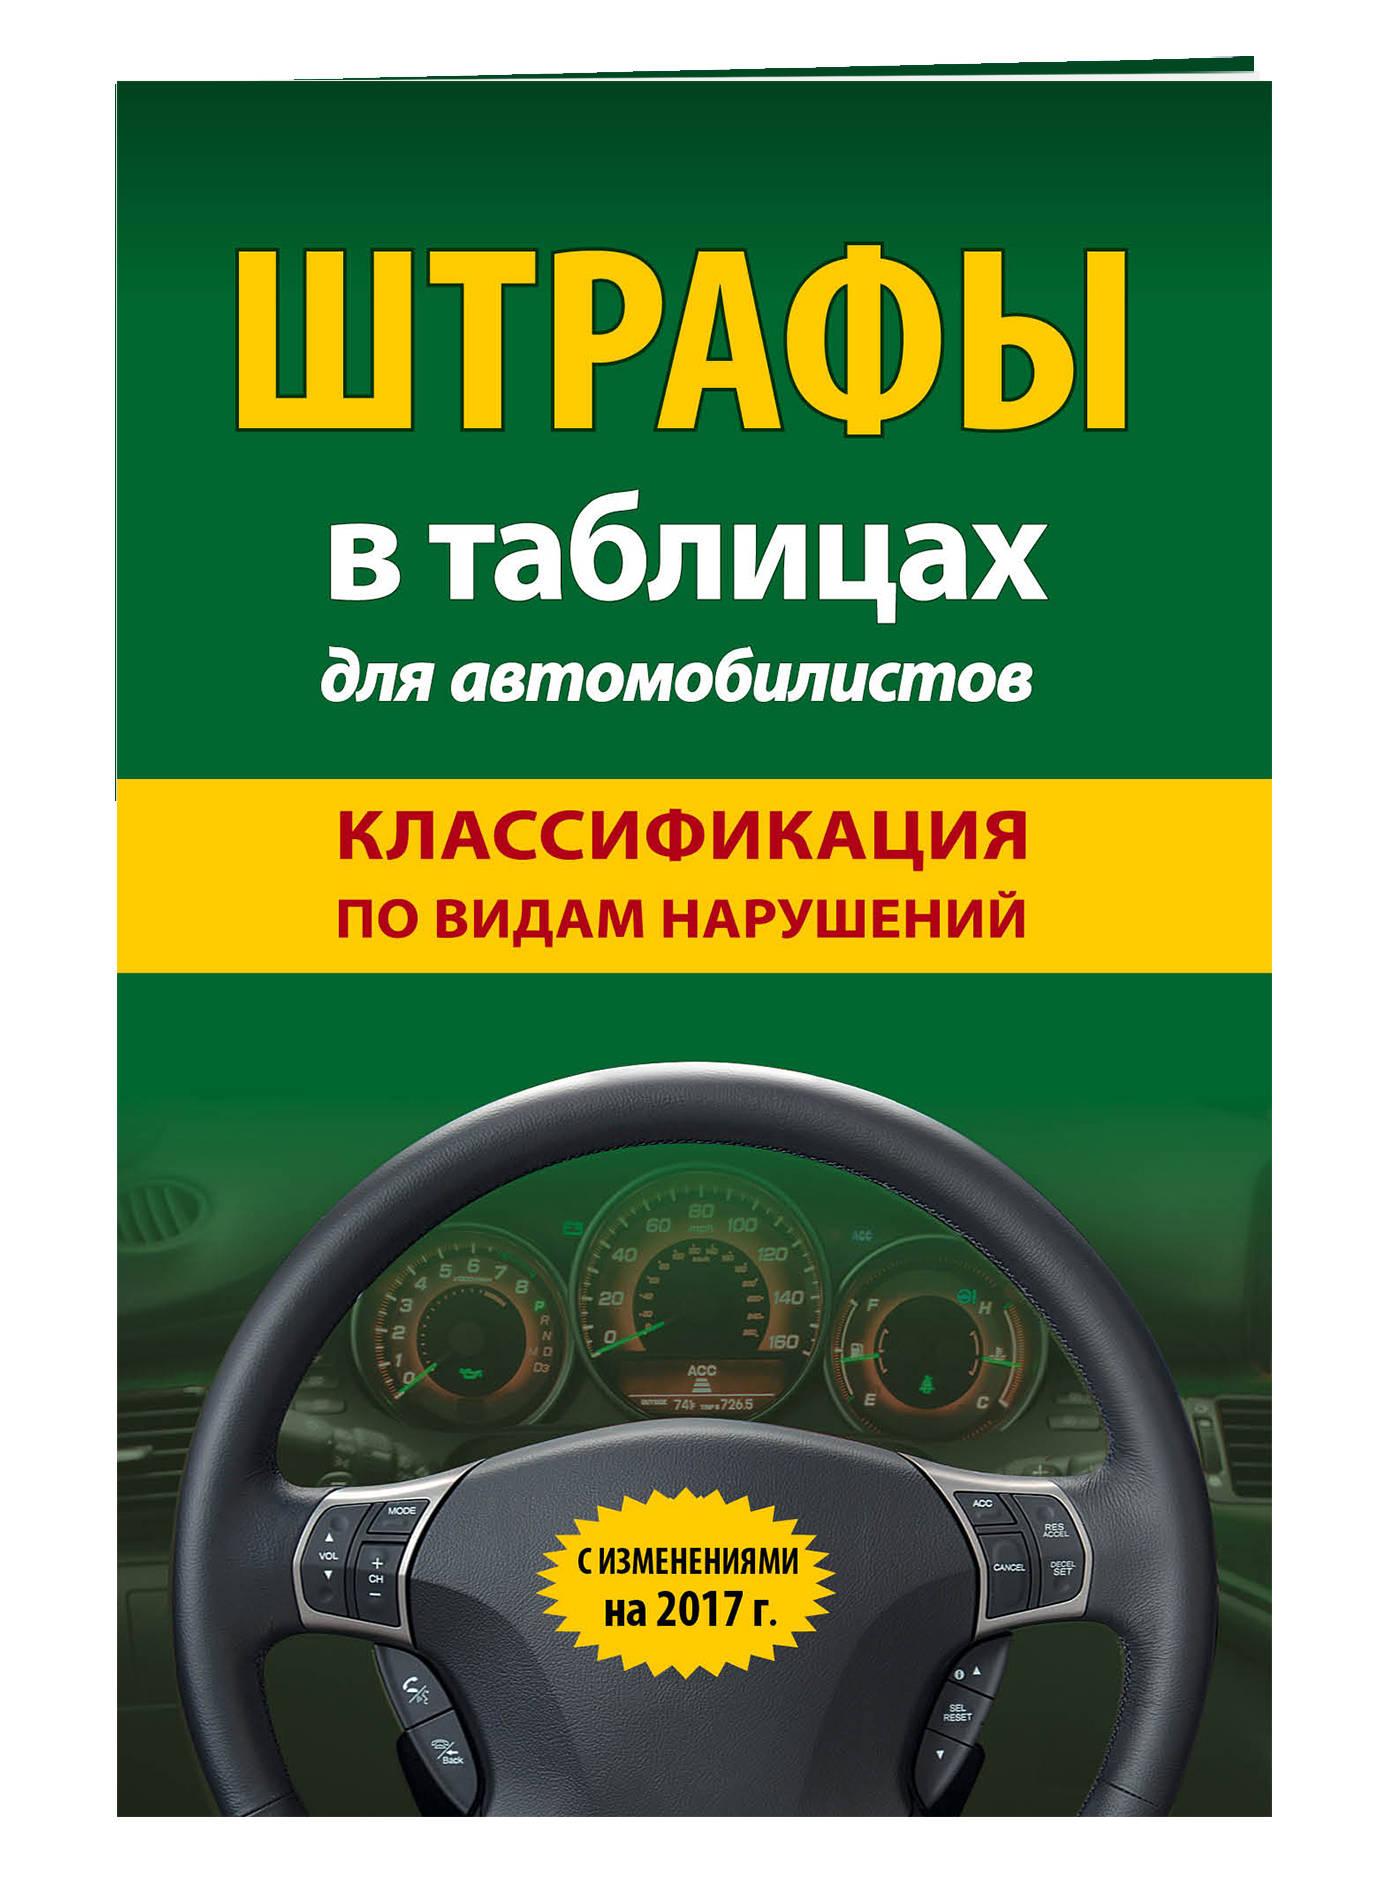 Штрафы в таблицах для автомобилистов с изм. на 2017 год (классификация по видам нарушений)